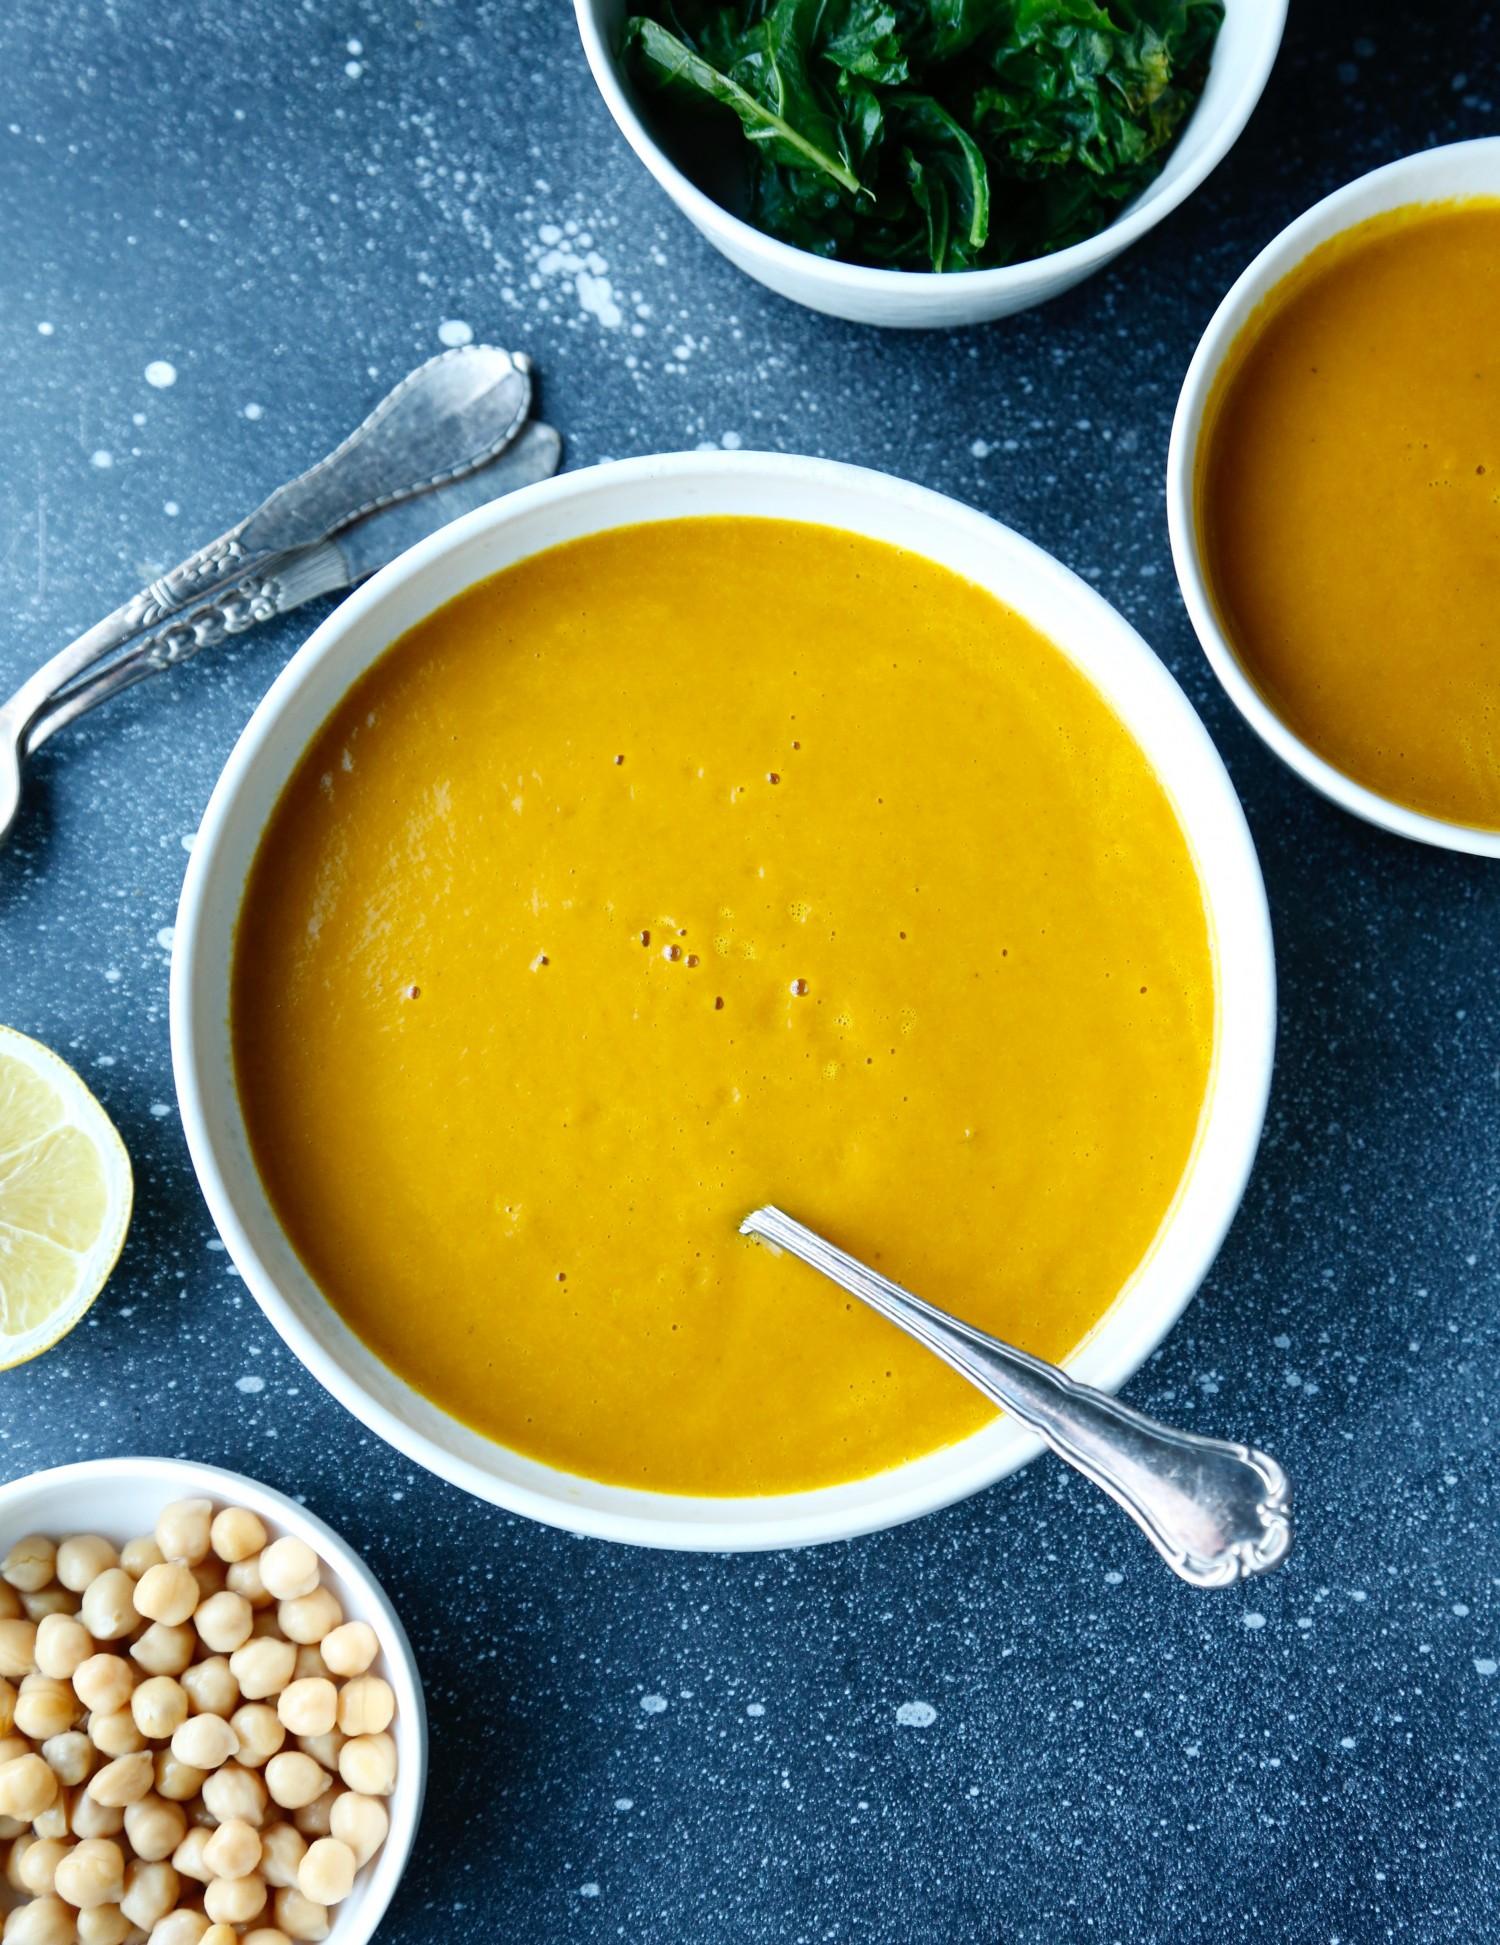 opskrift-antiinflammatorisk-suppe-til-smuk-hud-1-2